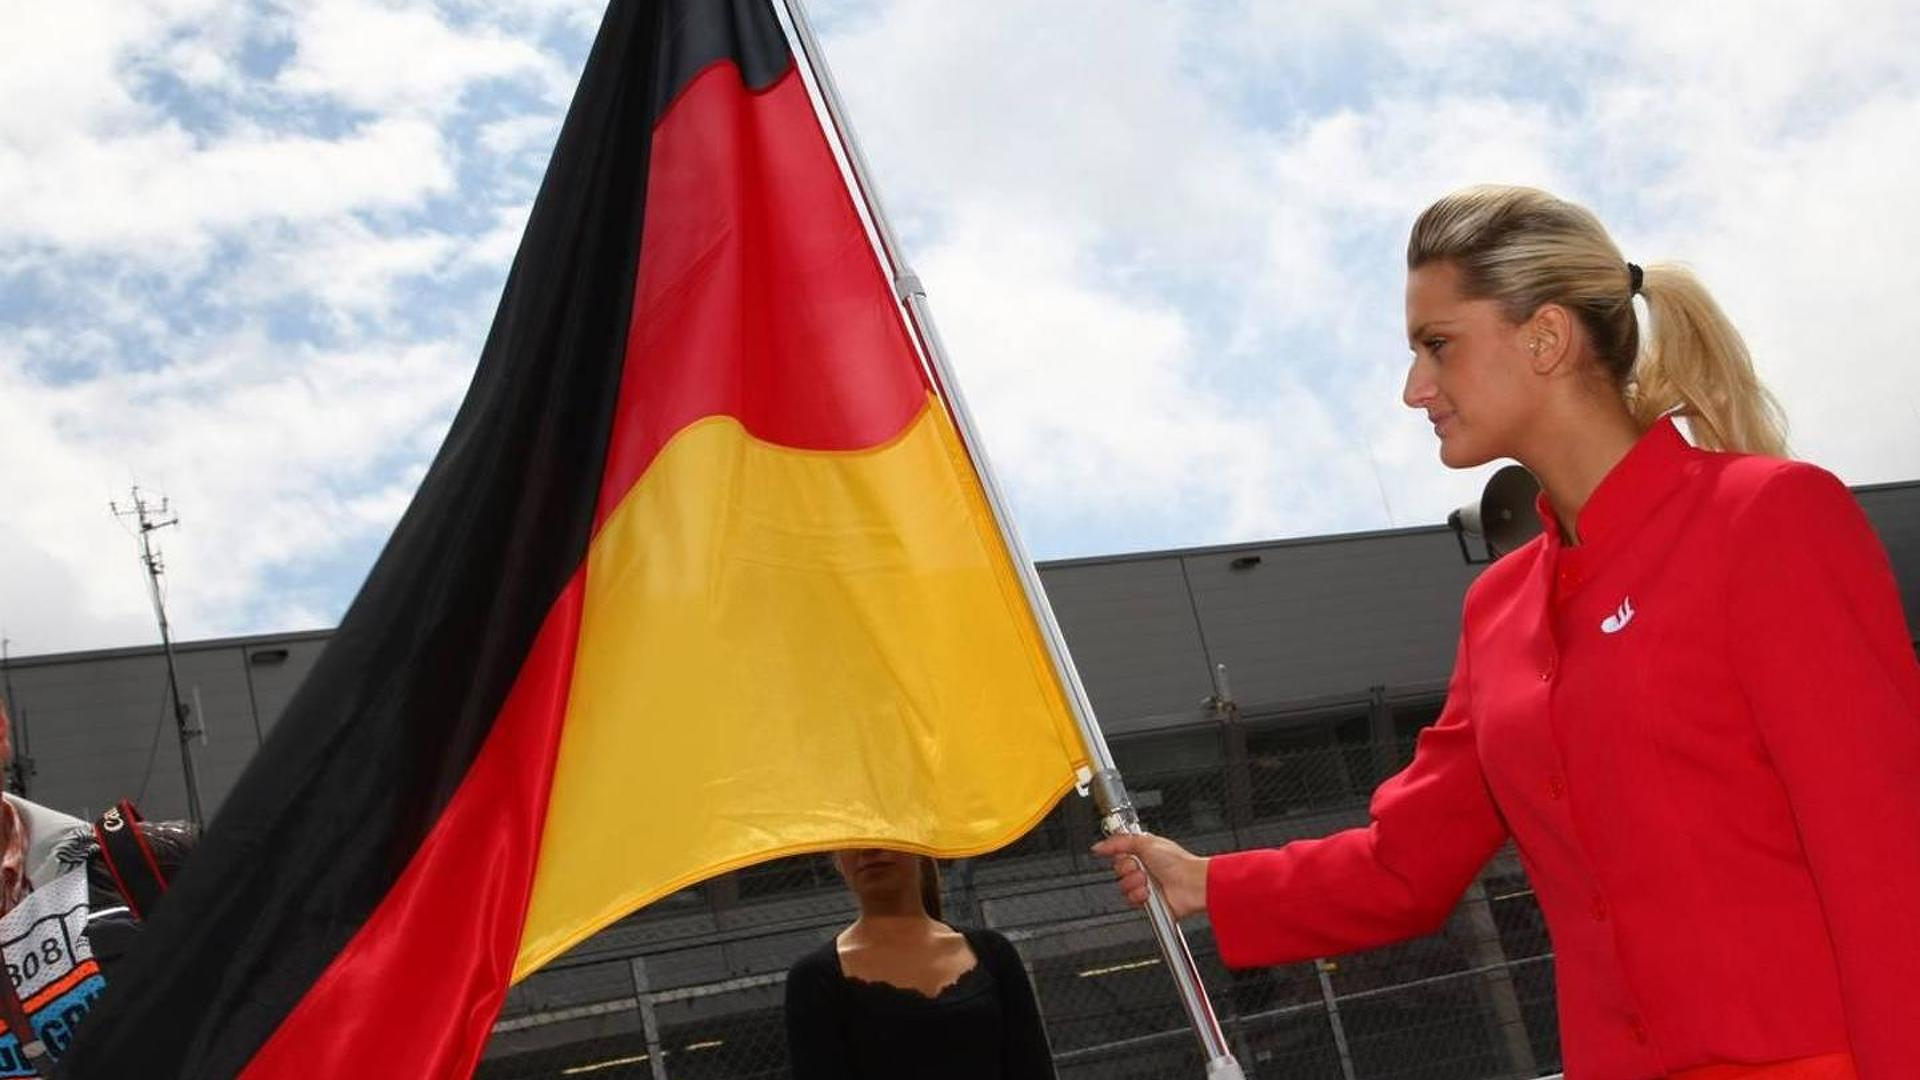 Nurburgring wants to keep hosting F1